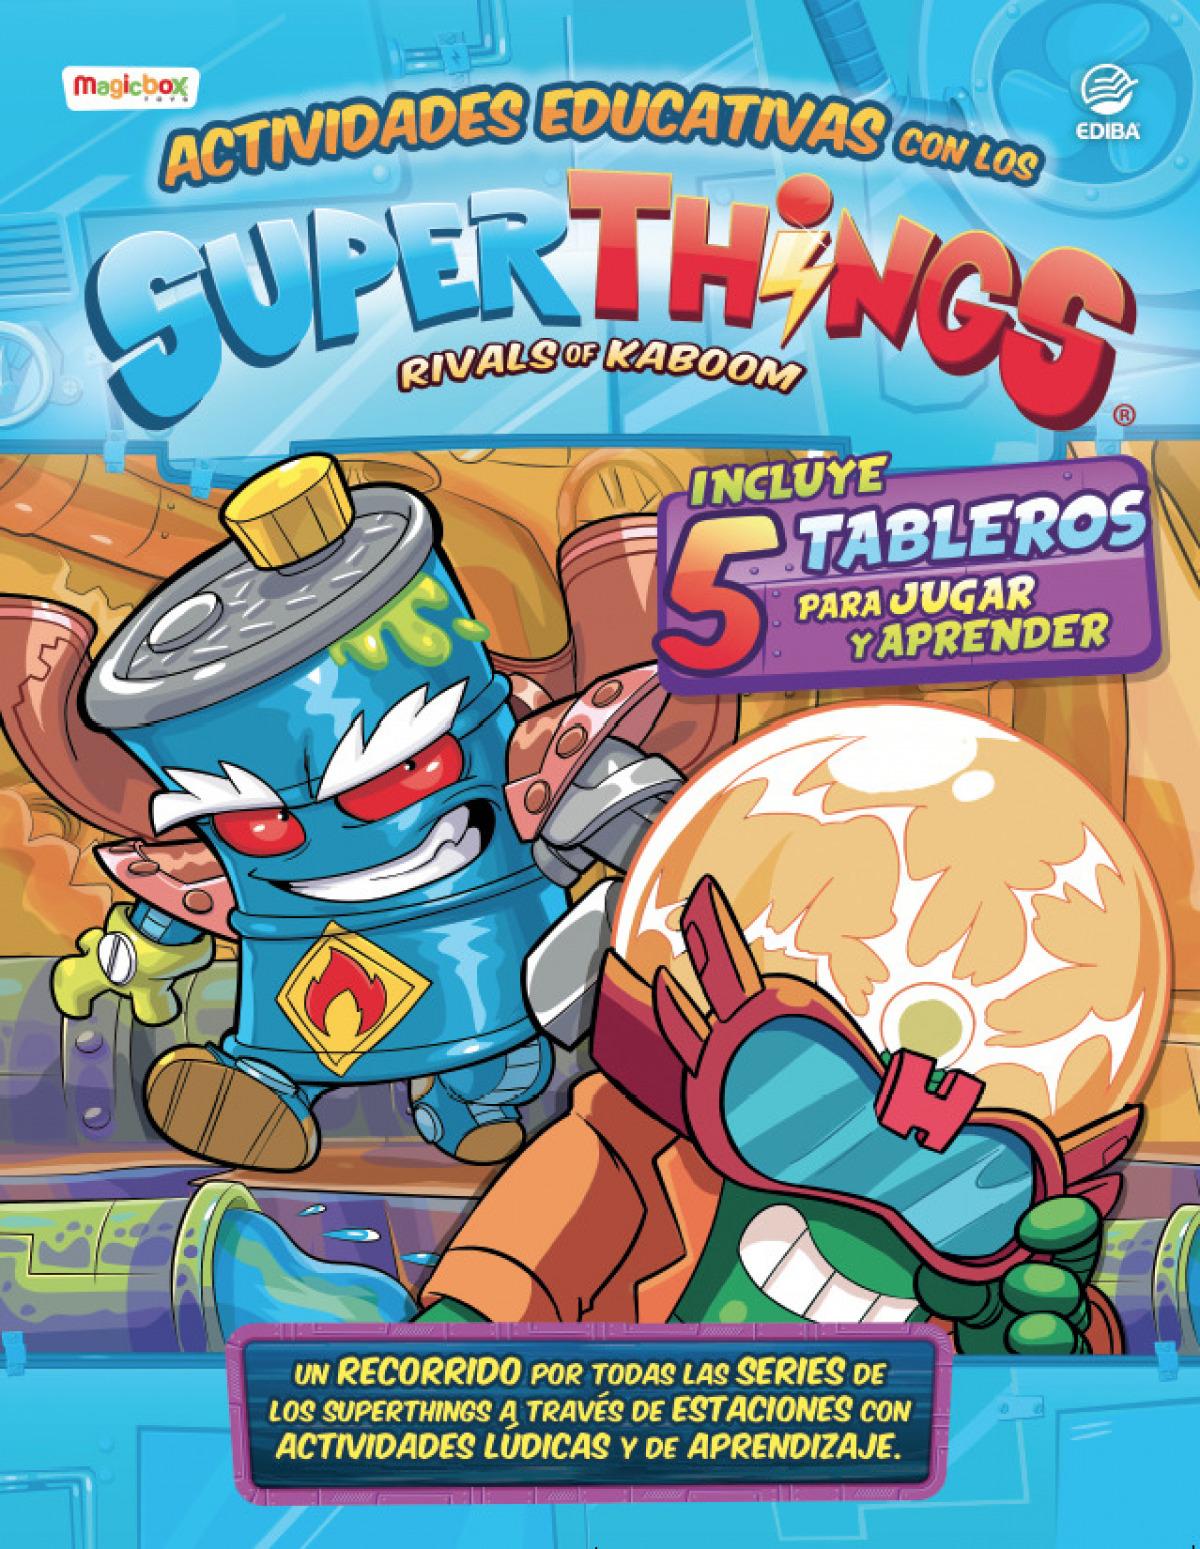 Actividades Educativas con los Superthings